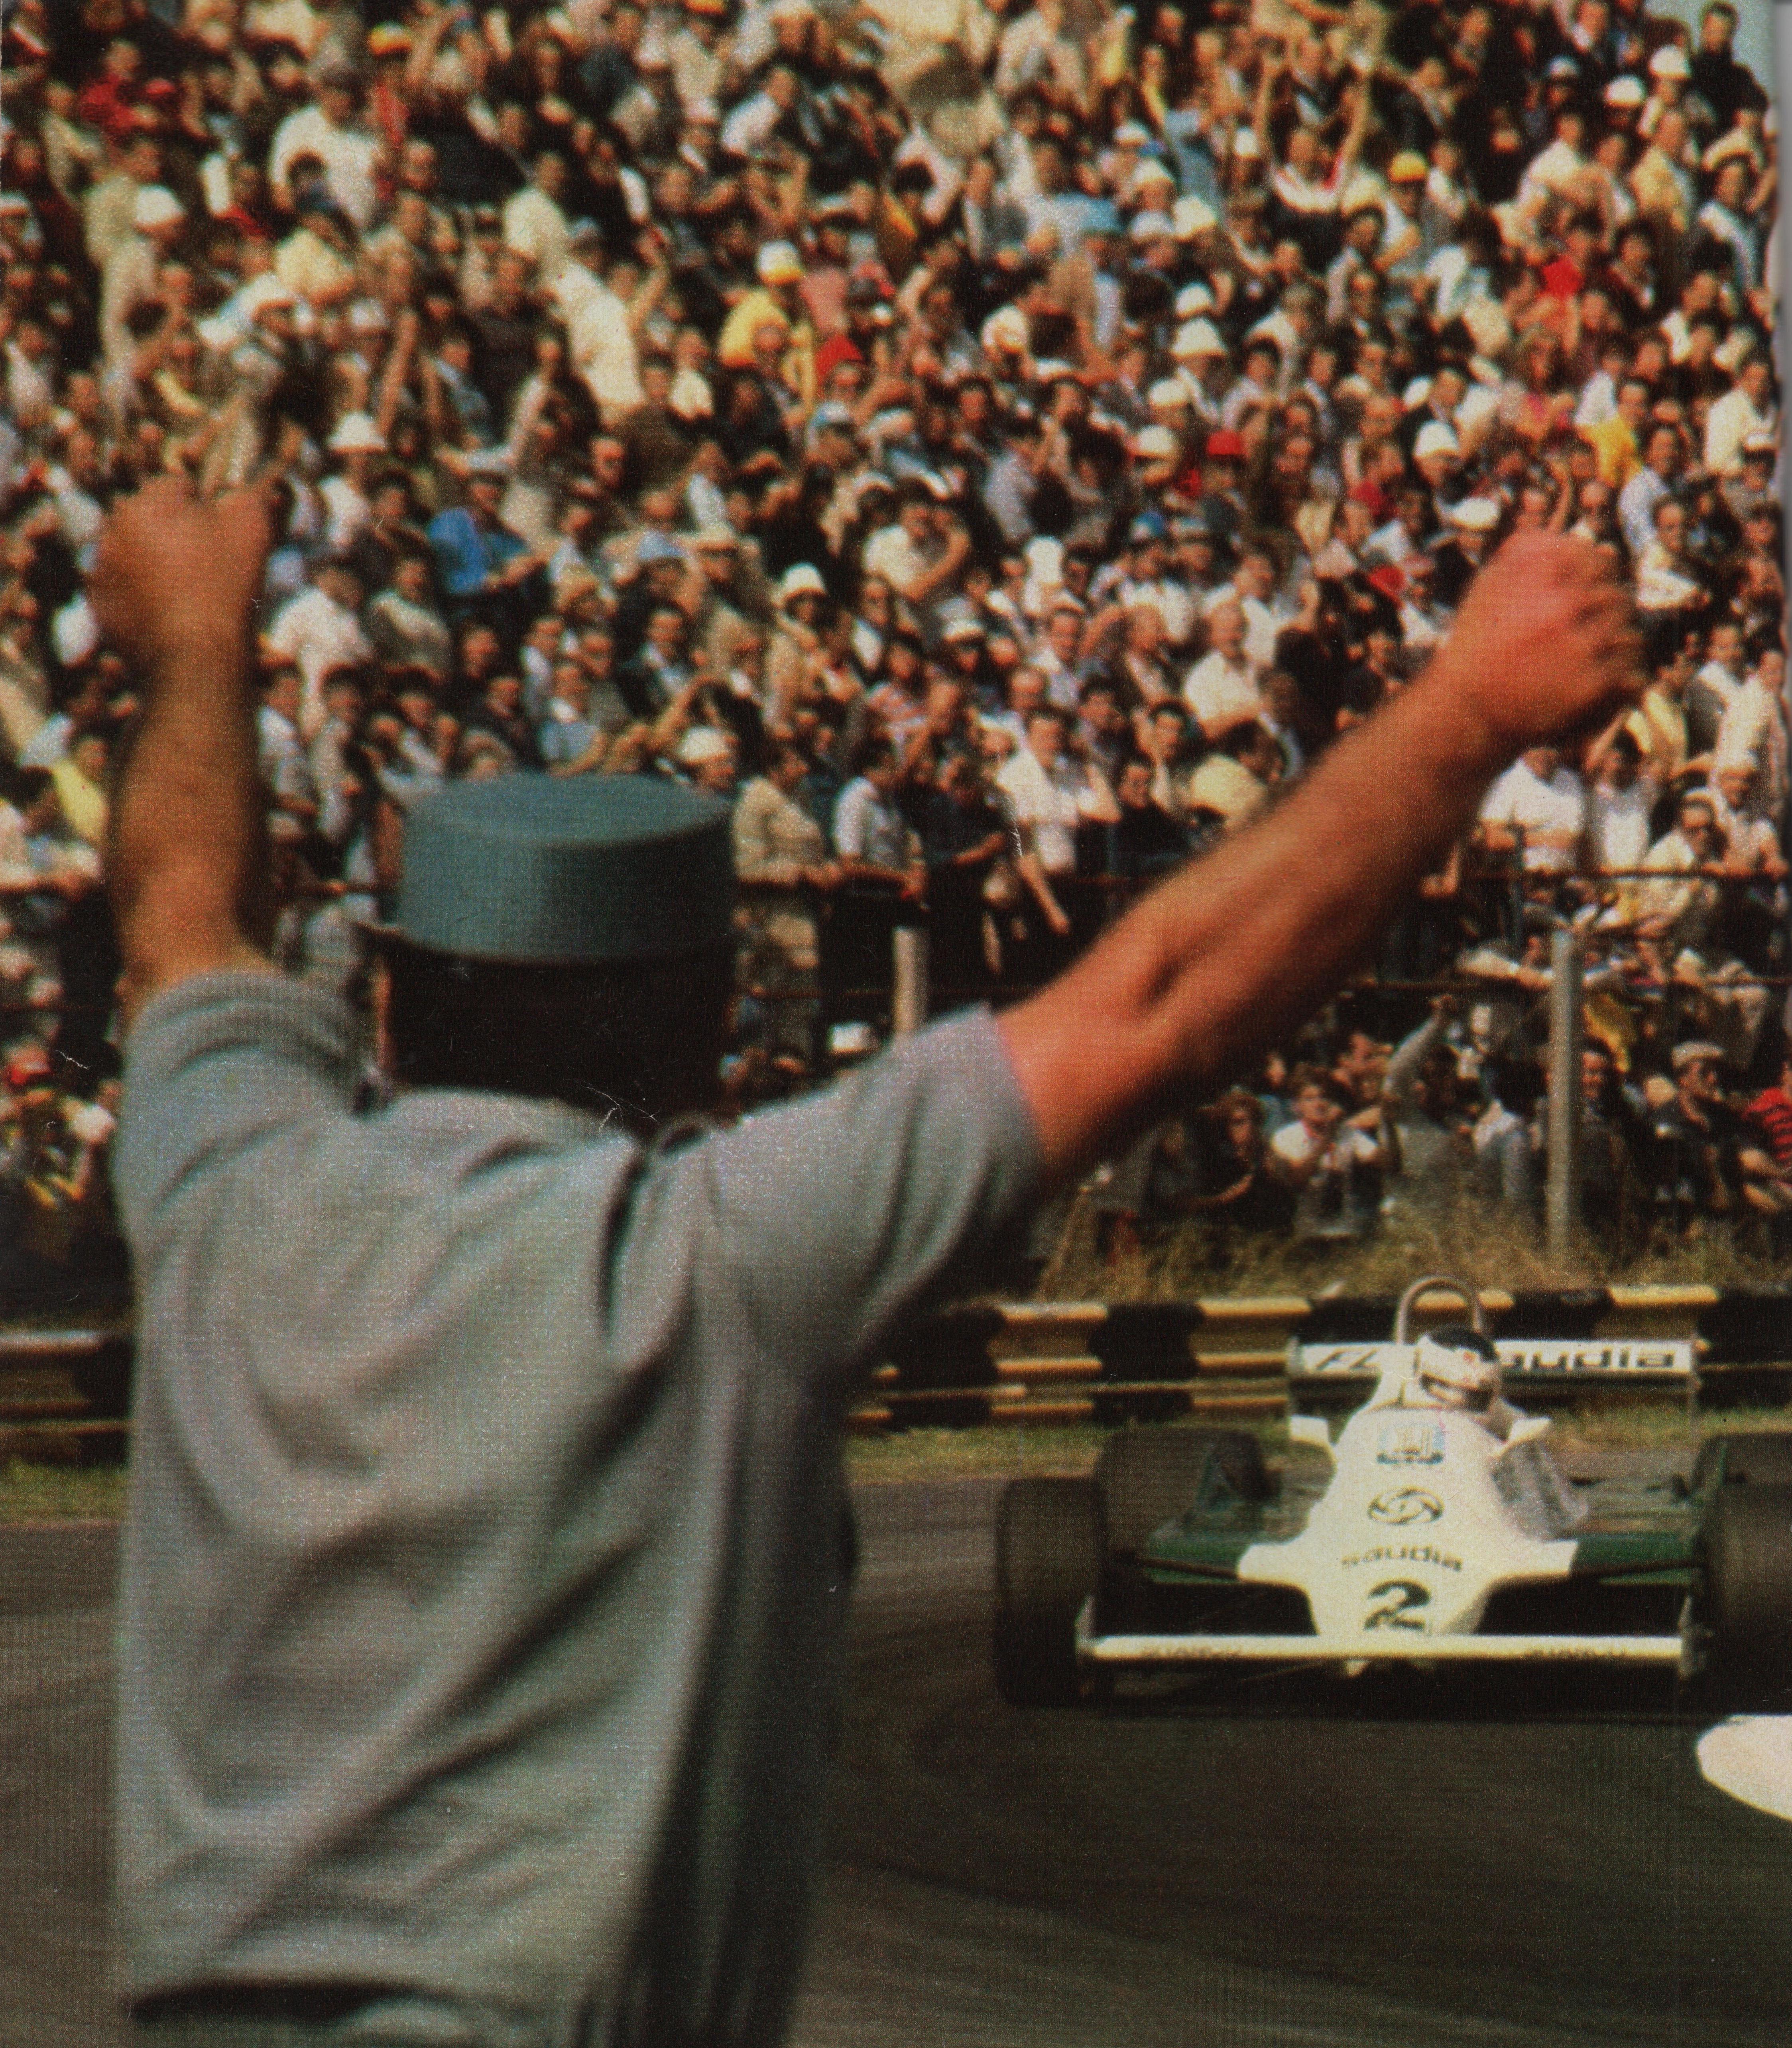 En el Autódromo de Buenos Aires en 1981, donde fue segundo y capturó la punta del campeonato. Lo saluda un policía (Archivo CORSA)